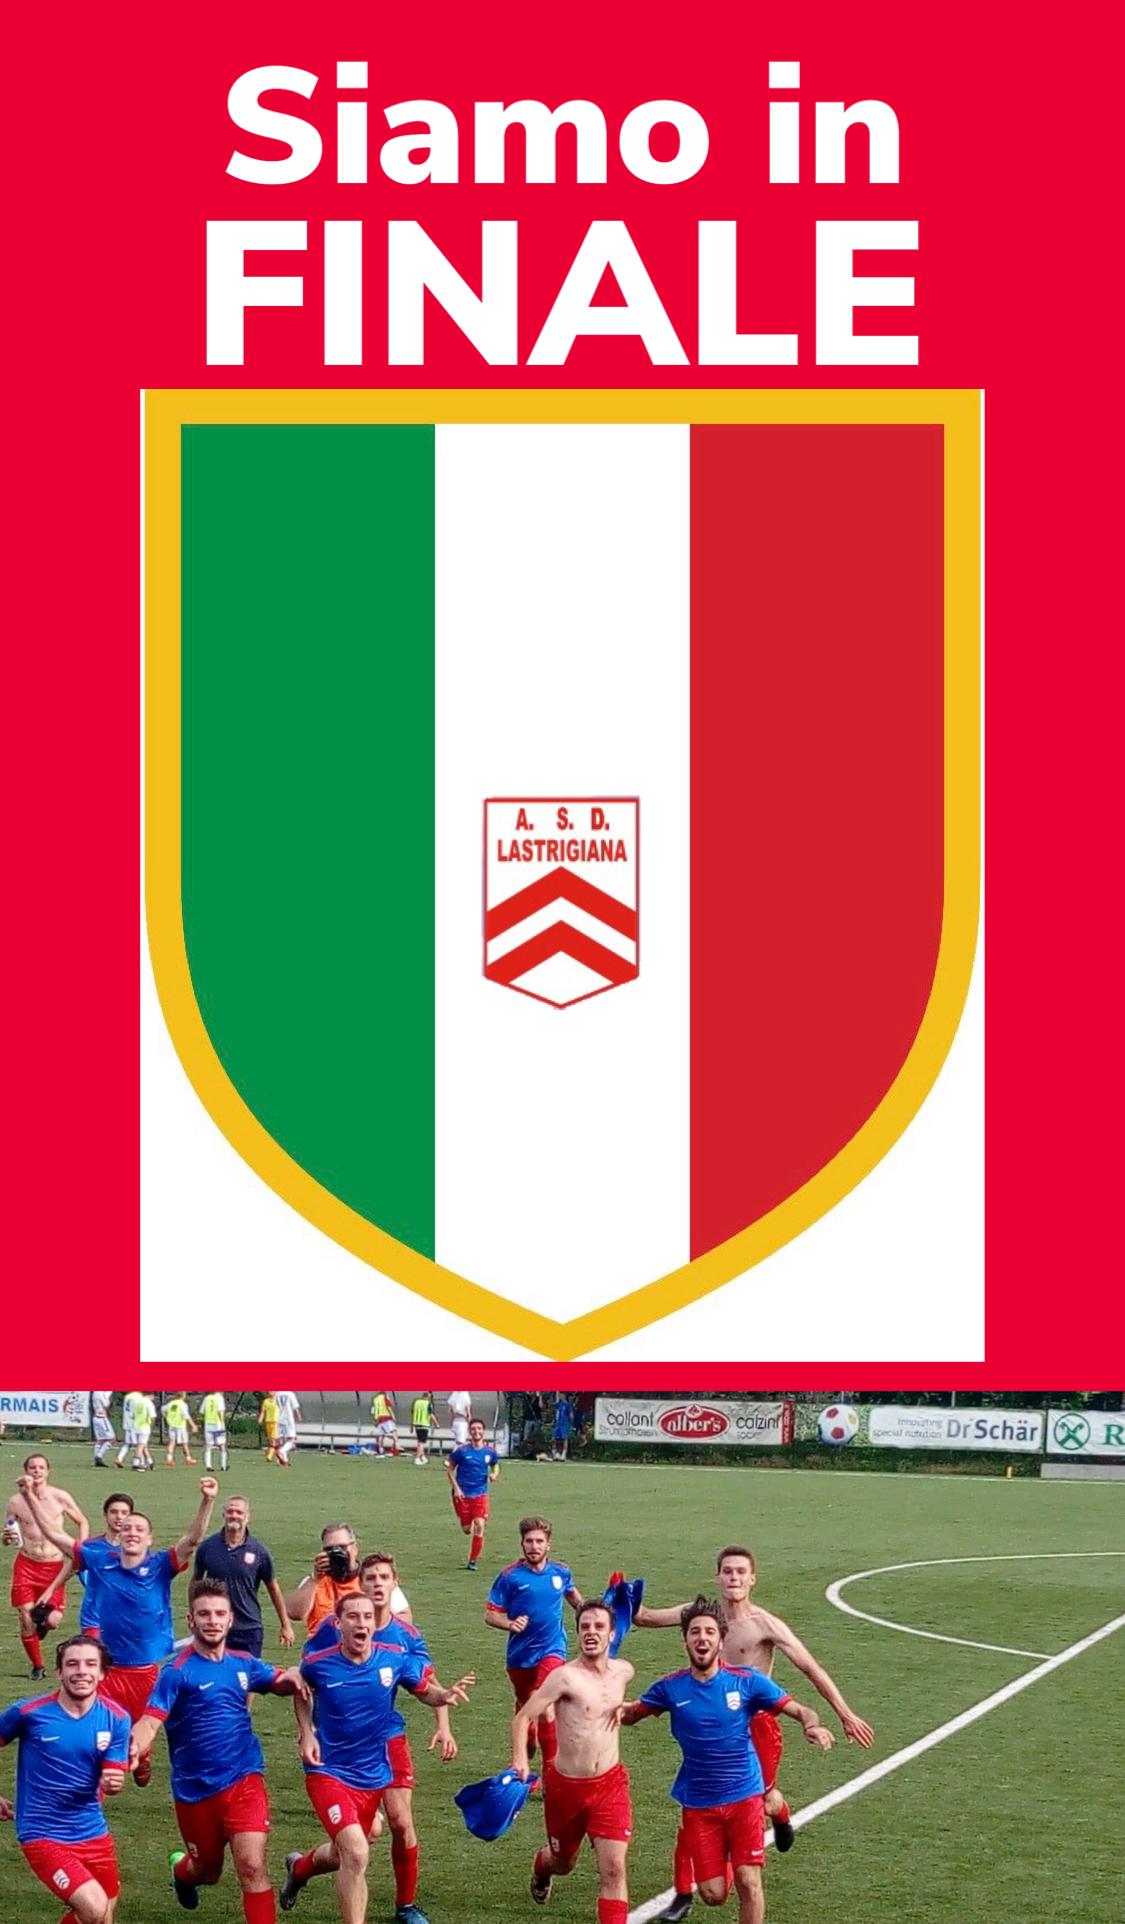 Orgoglio Biancorosso…siamo in finale!!!